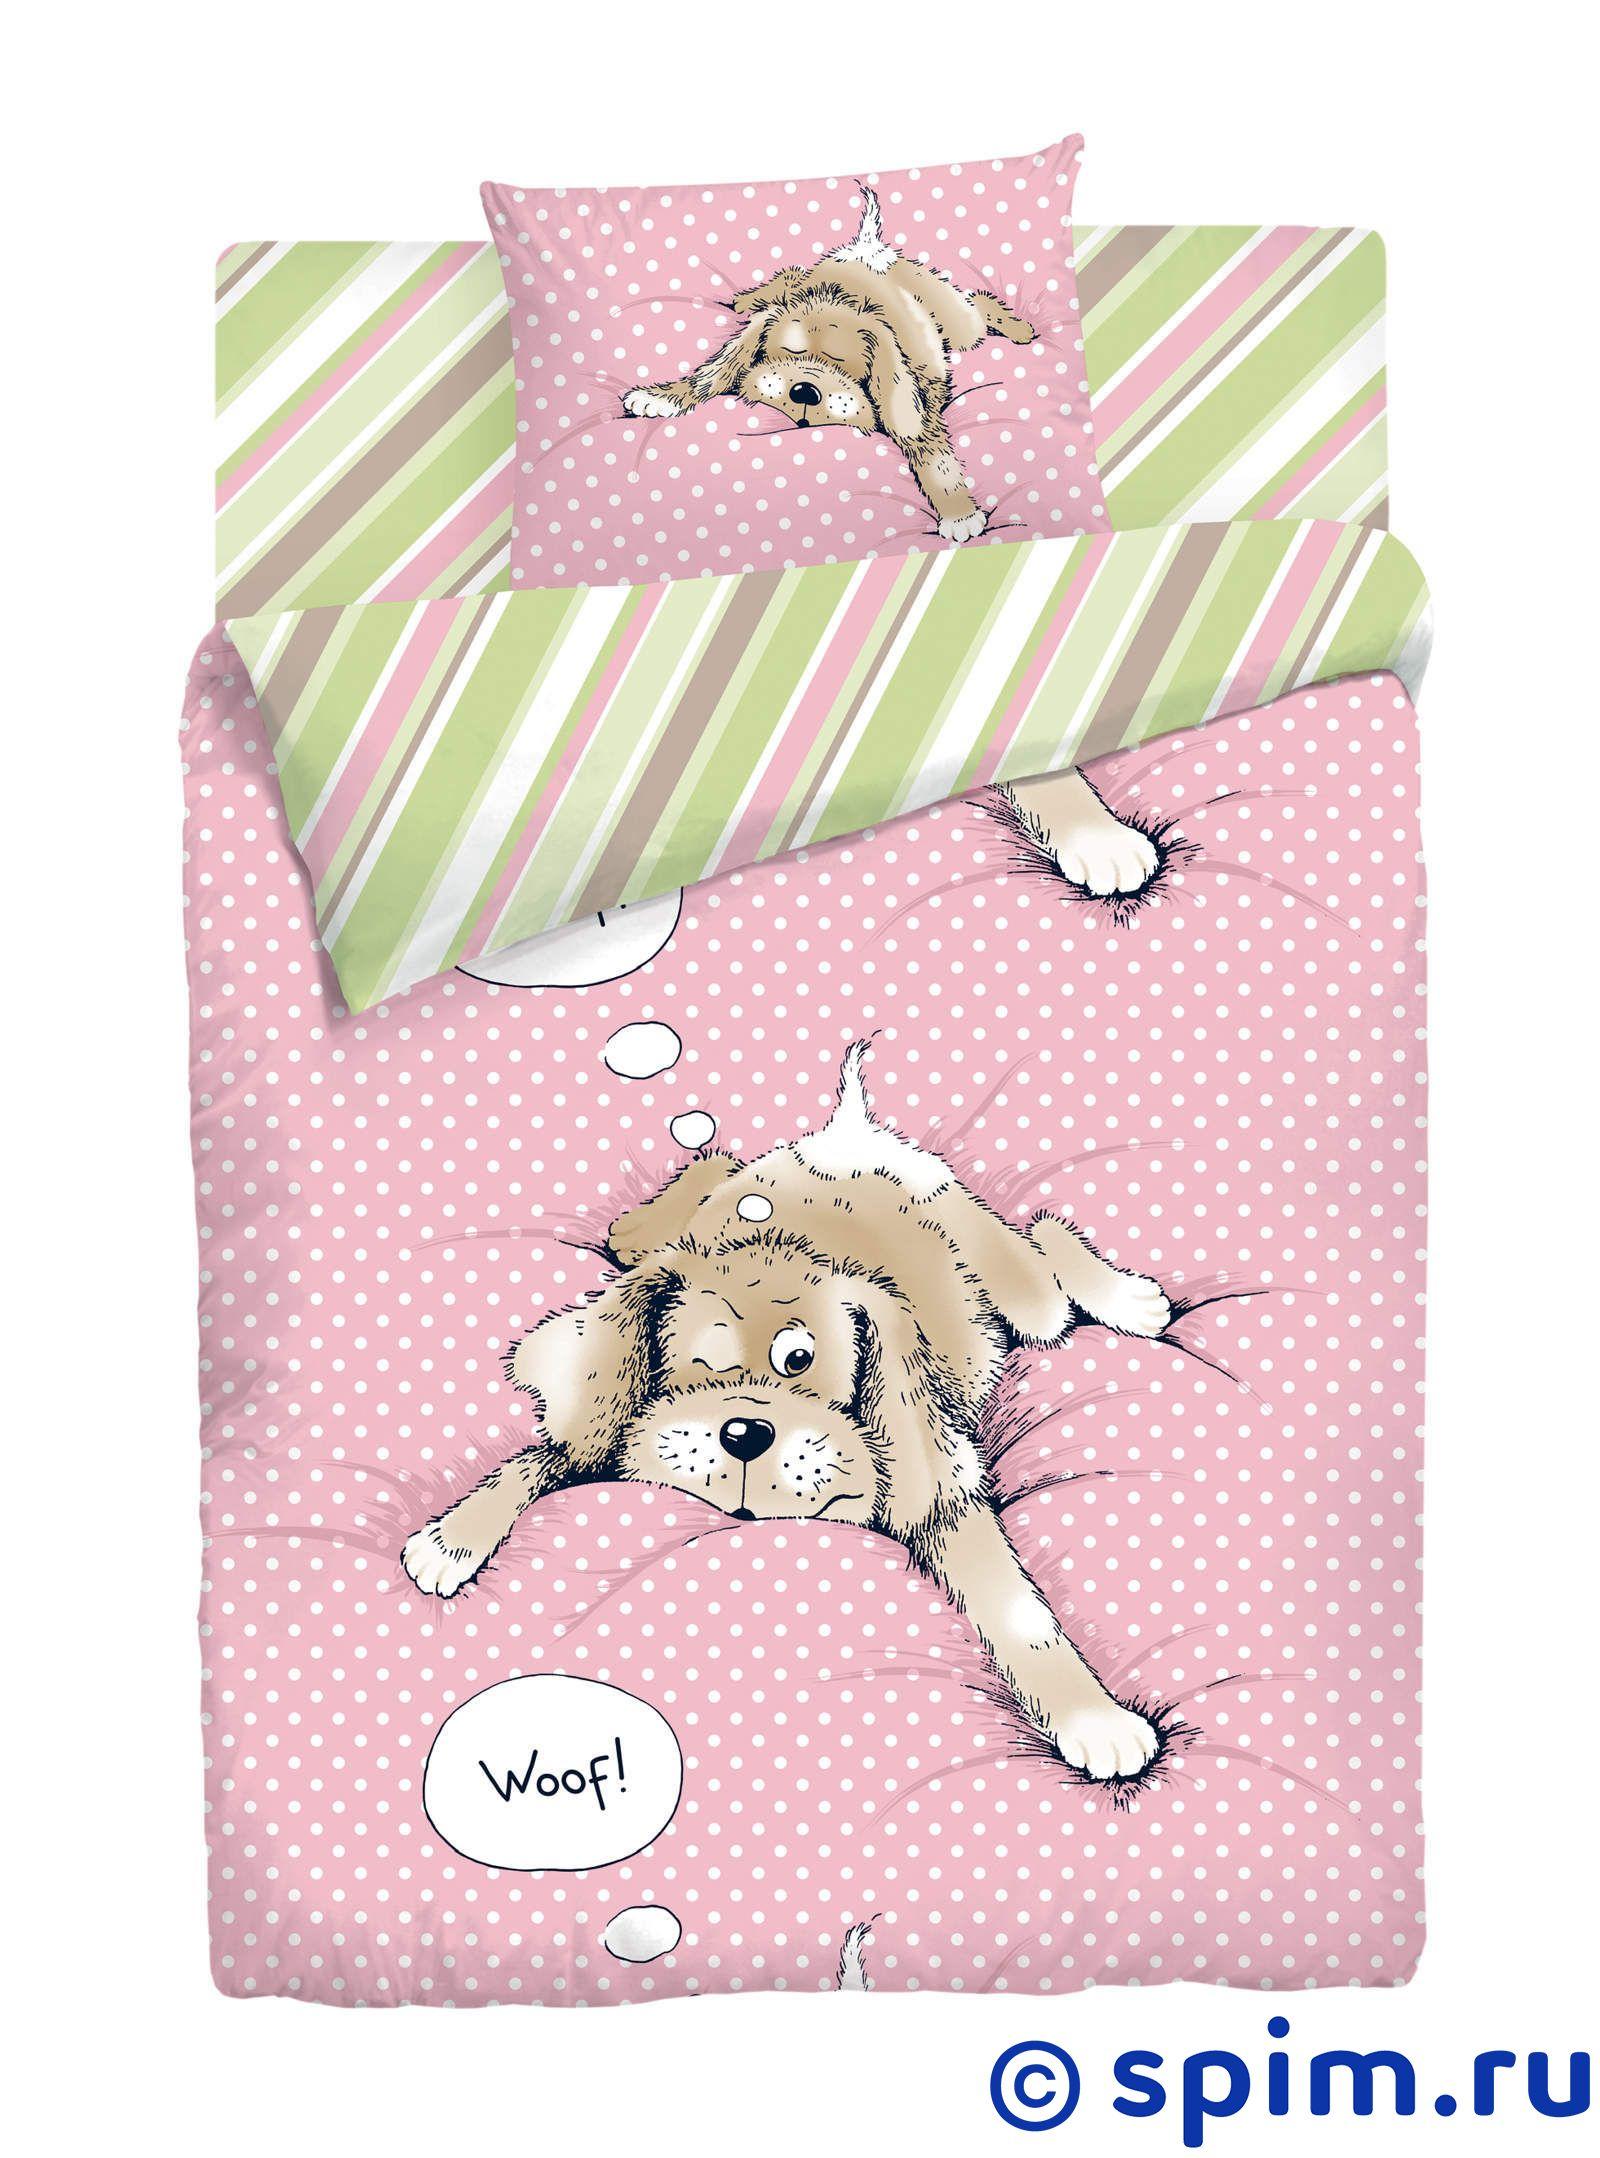 Комплект Нордтекс Спящая собакаДетское постельное белье Нордтекс<br>Материал: 100% хлопок, бязь люкс. Плотность, г/м2: 120.<br>